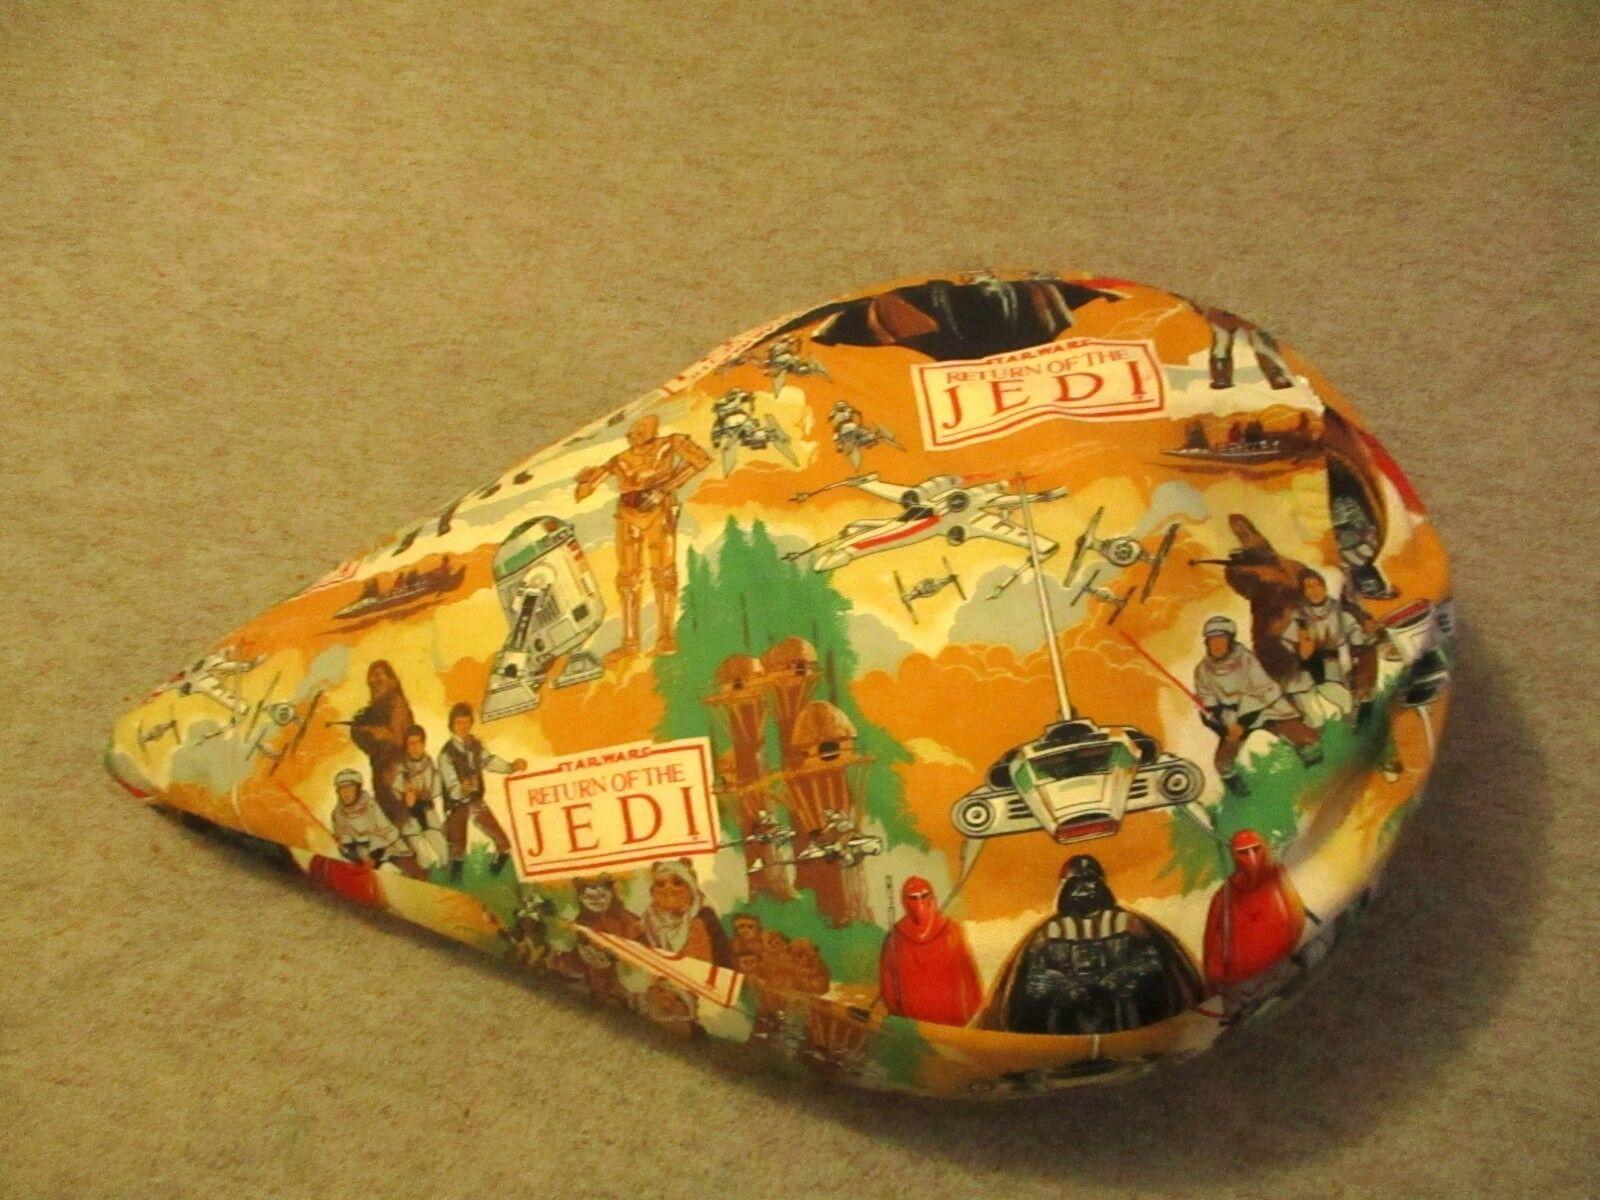 De colección Guerra de las galaxias retorno de las Jedi Bean Bag 1980s